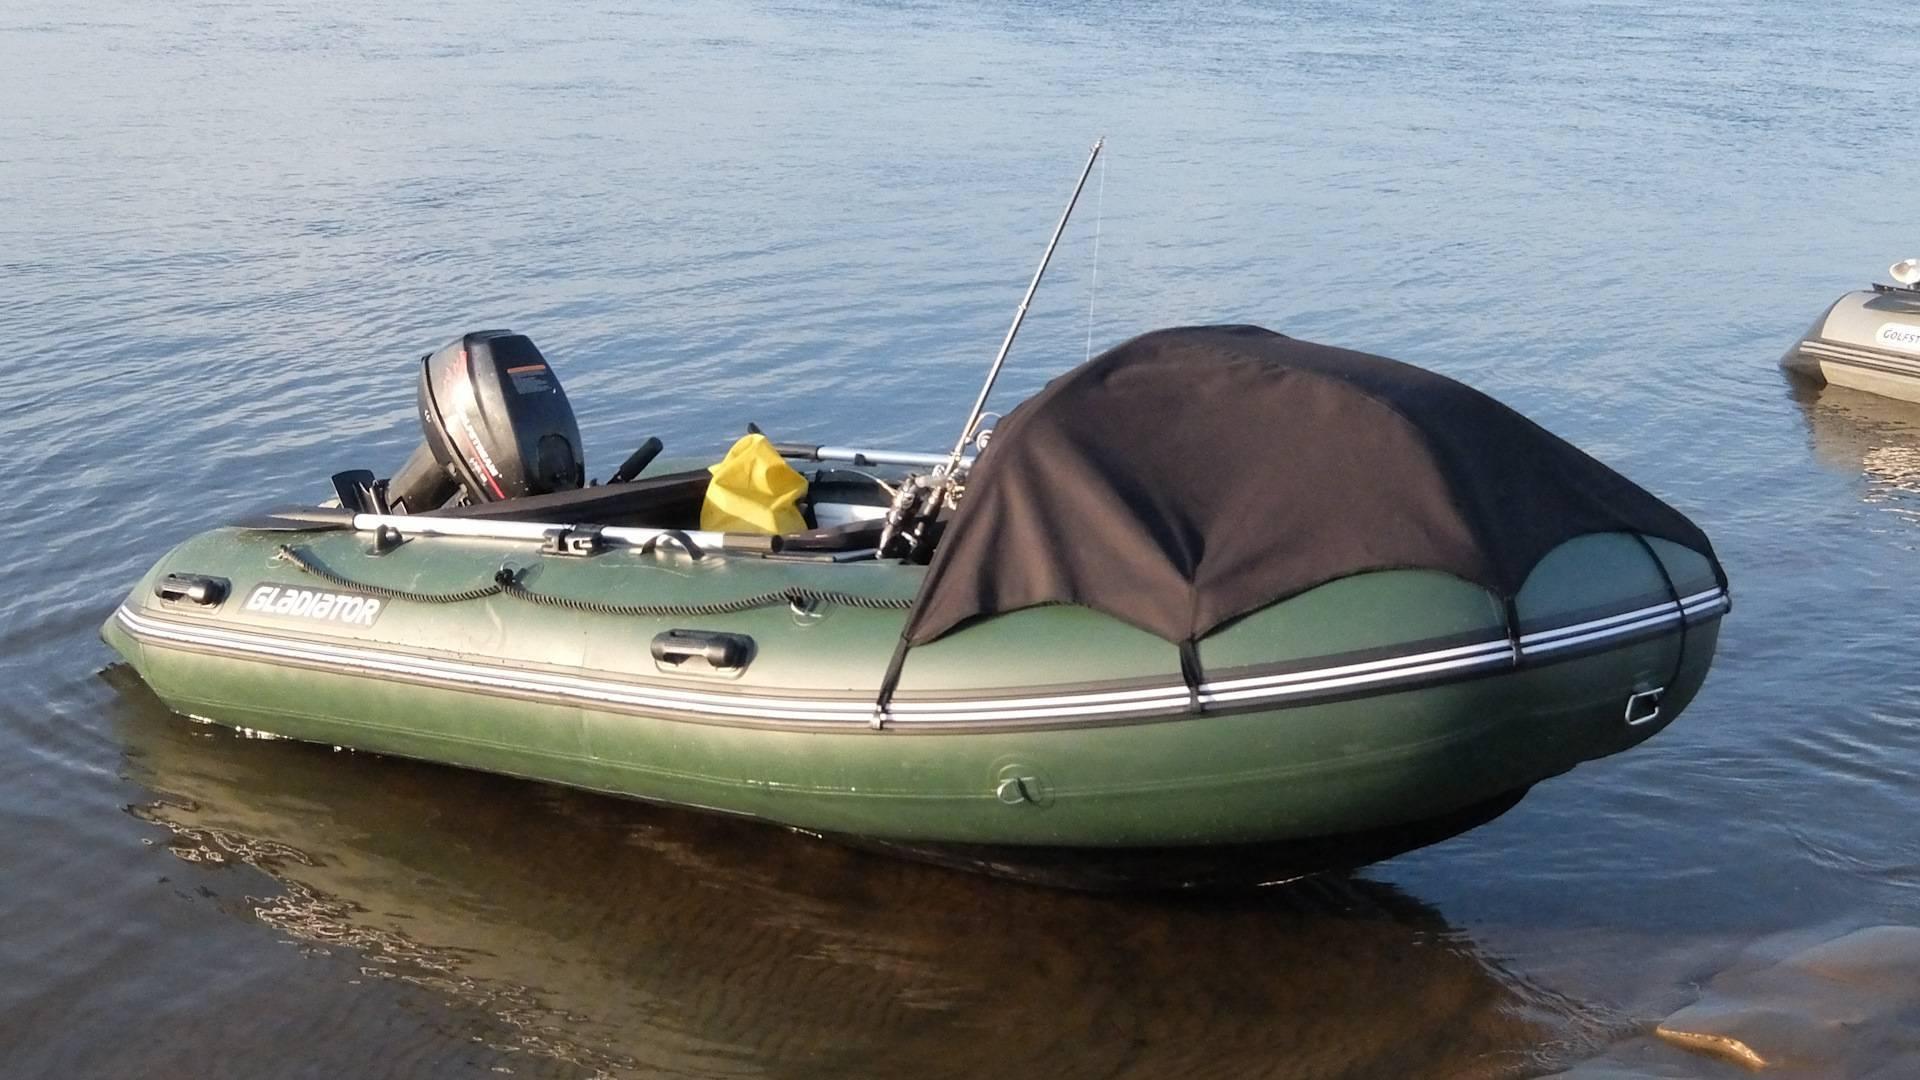 Топ-10 лучших пвх-лодок для рыбалки 2020 года в рейтинге zuzako